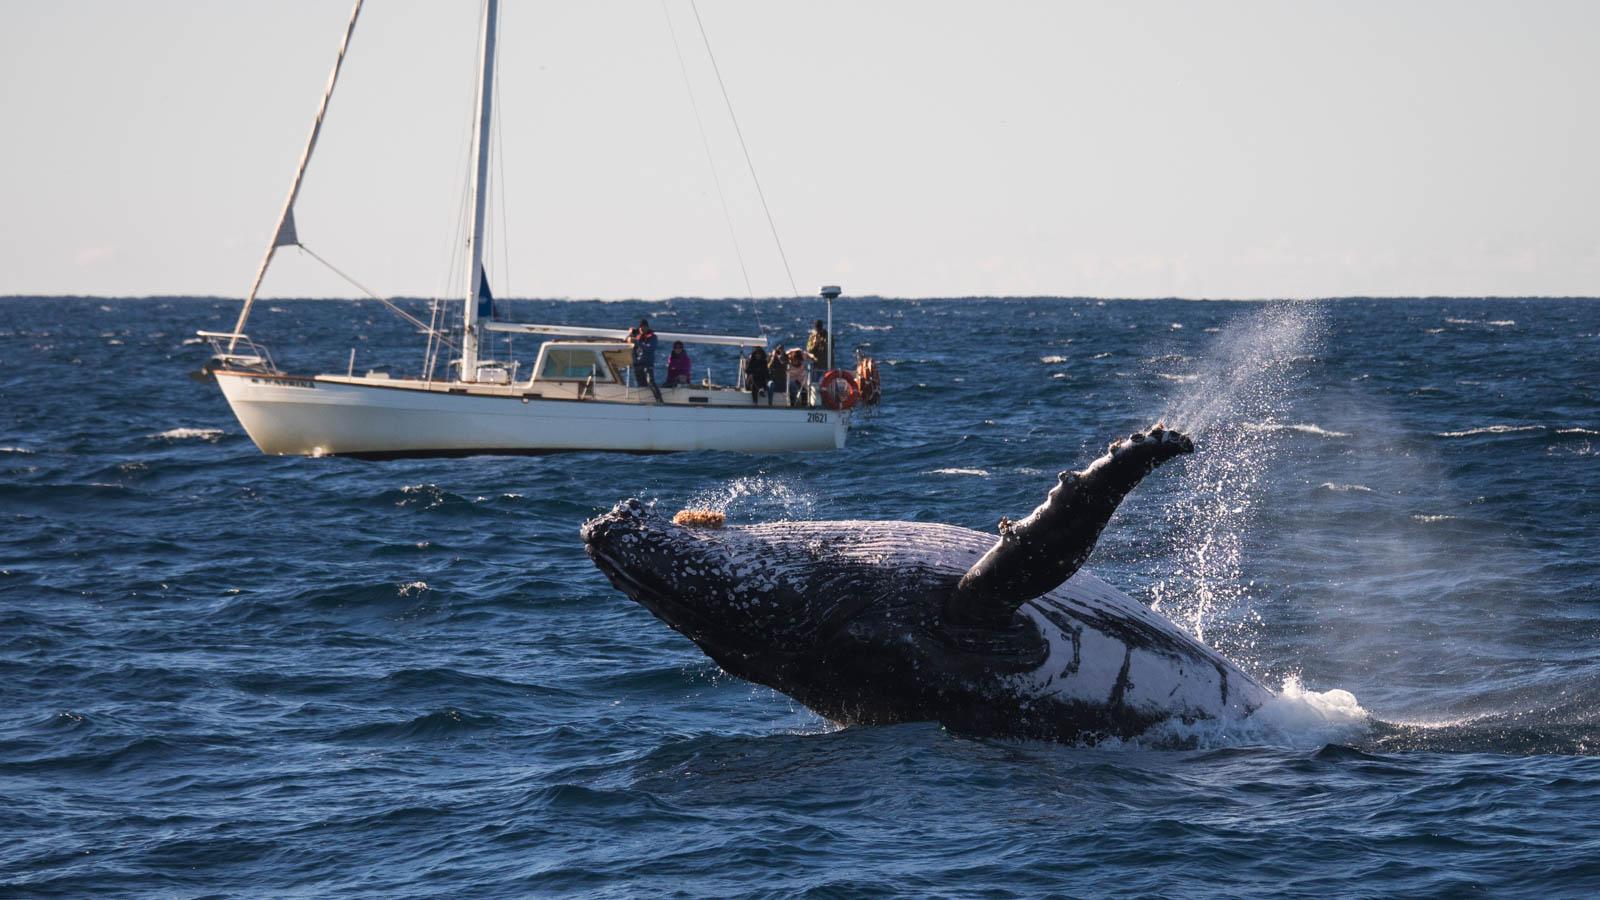 jak duże są wieloryby